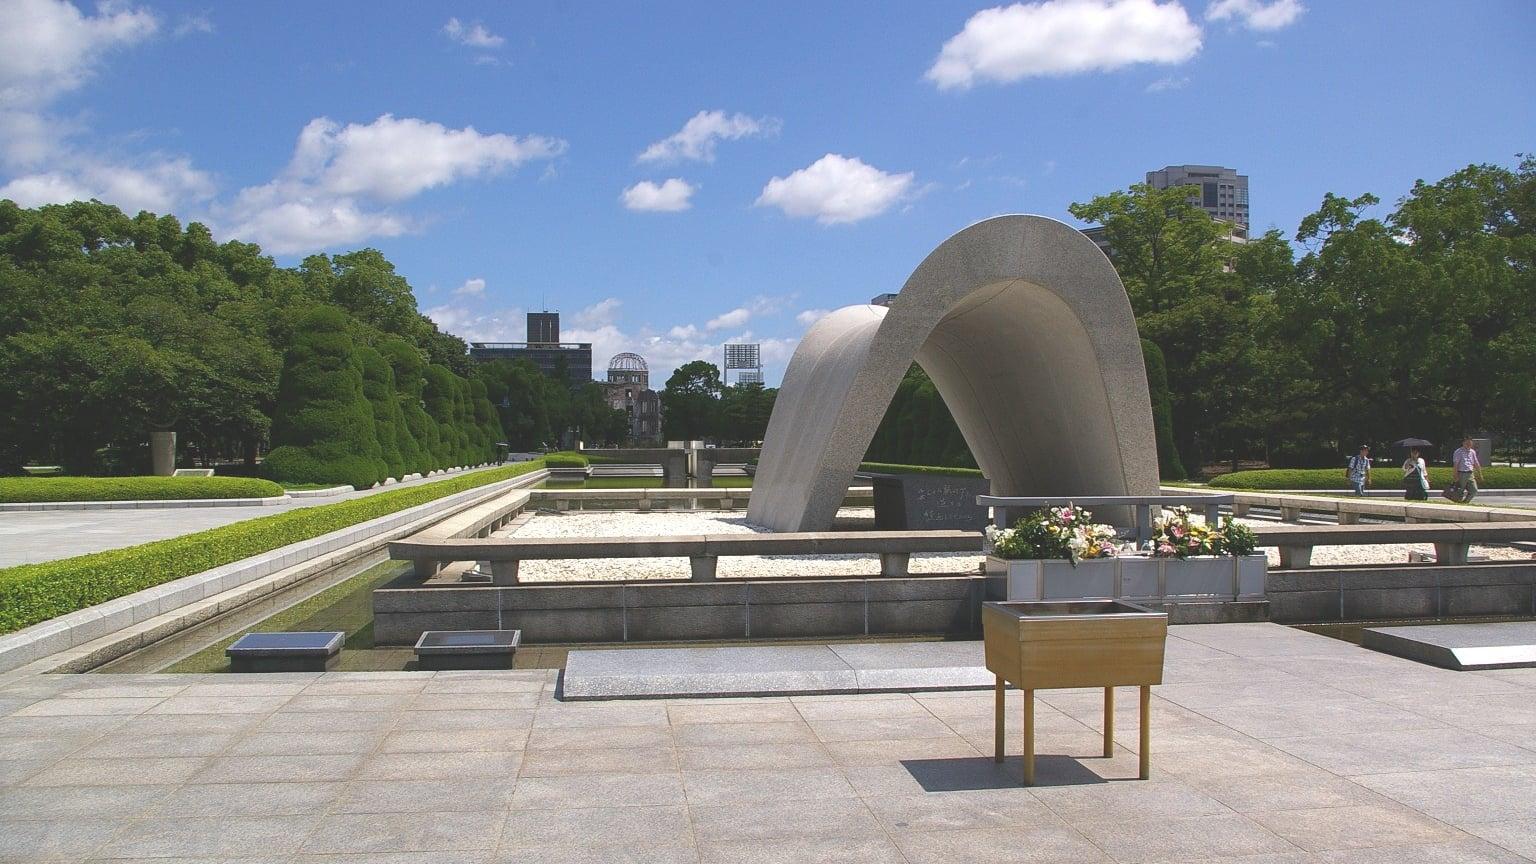 広島観光で絶対に訪れたい「広島平和記念公園」の見どころを紹介